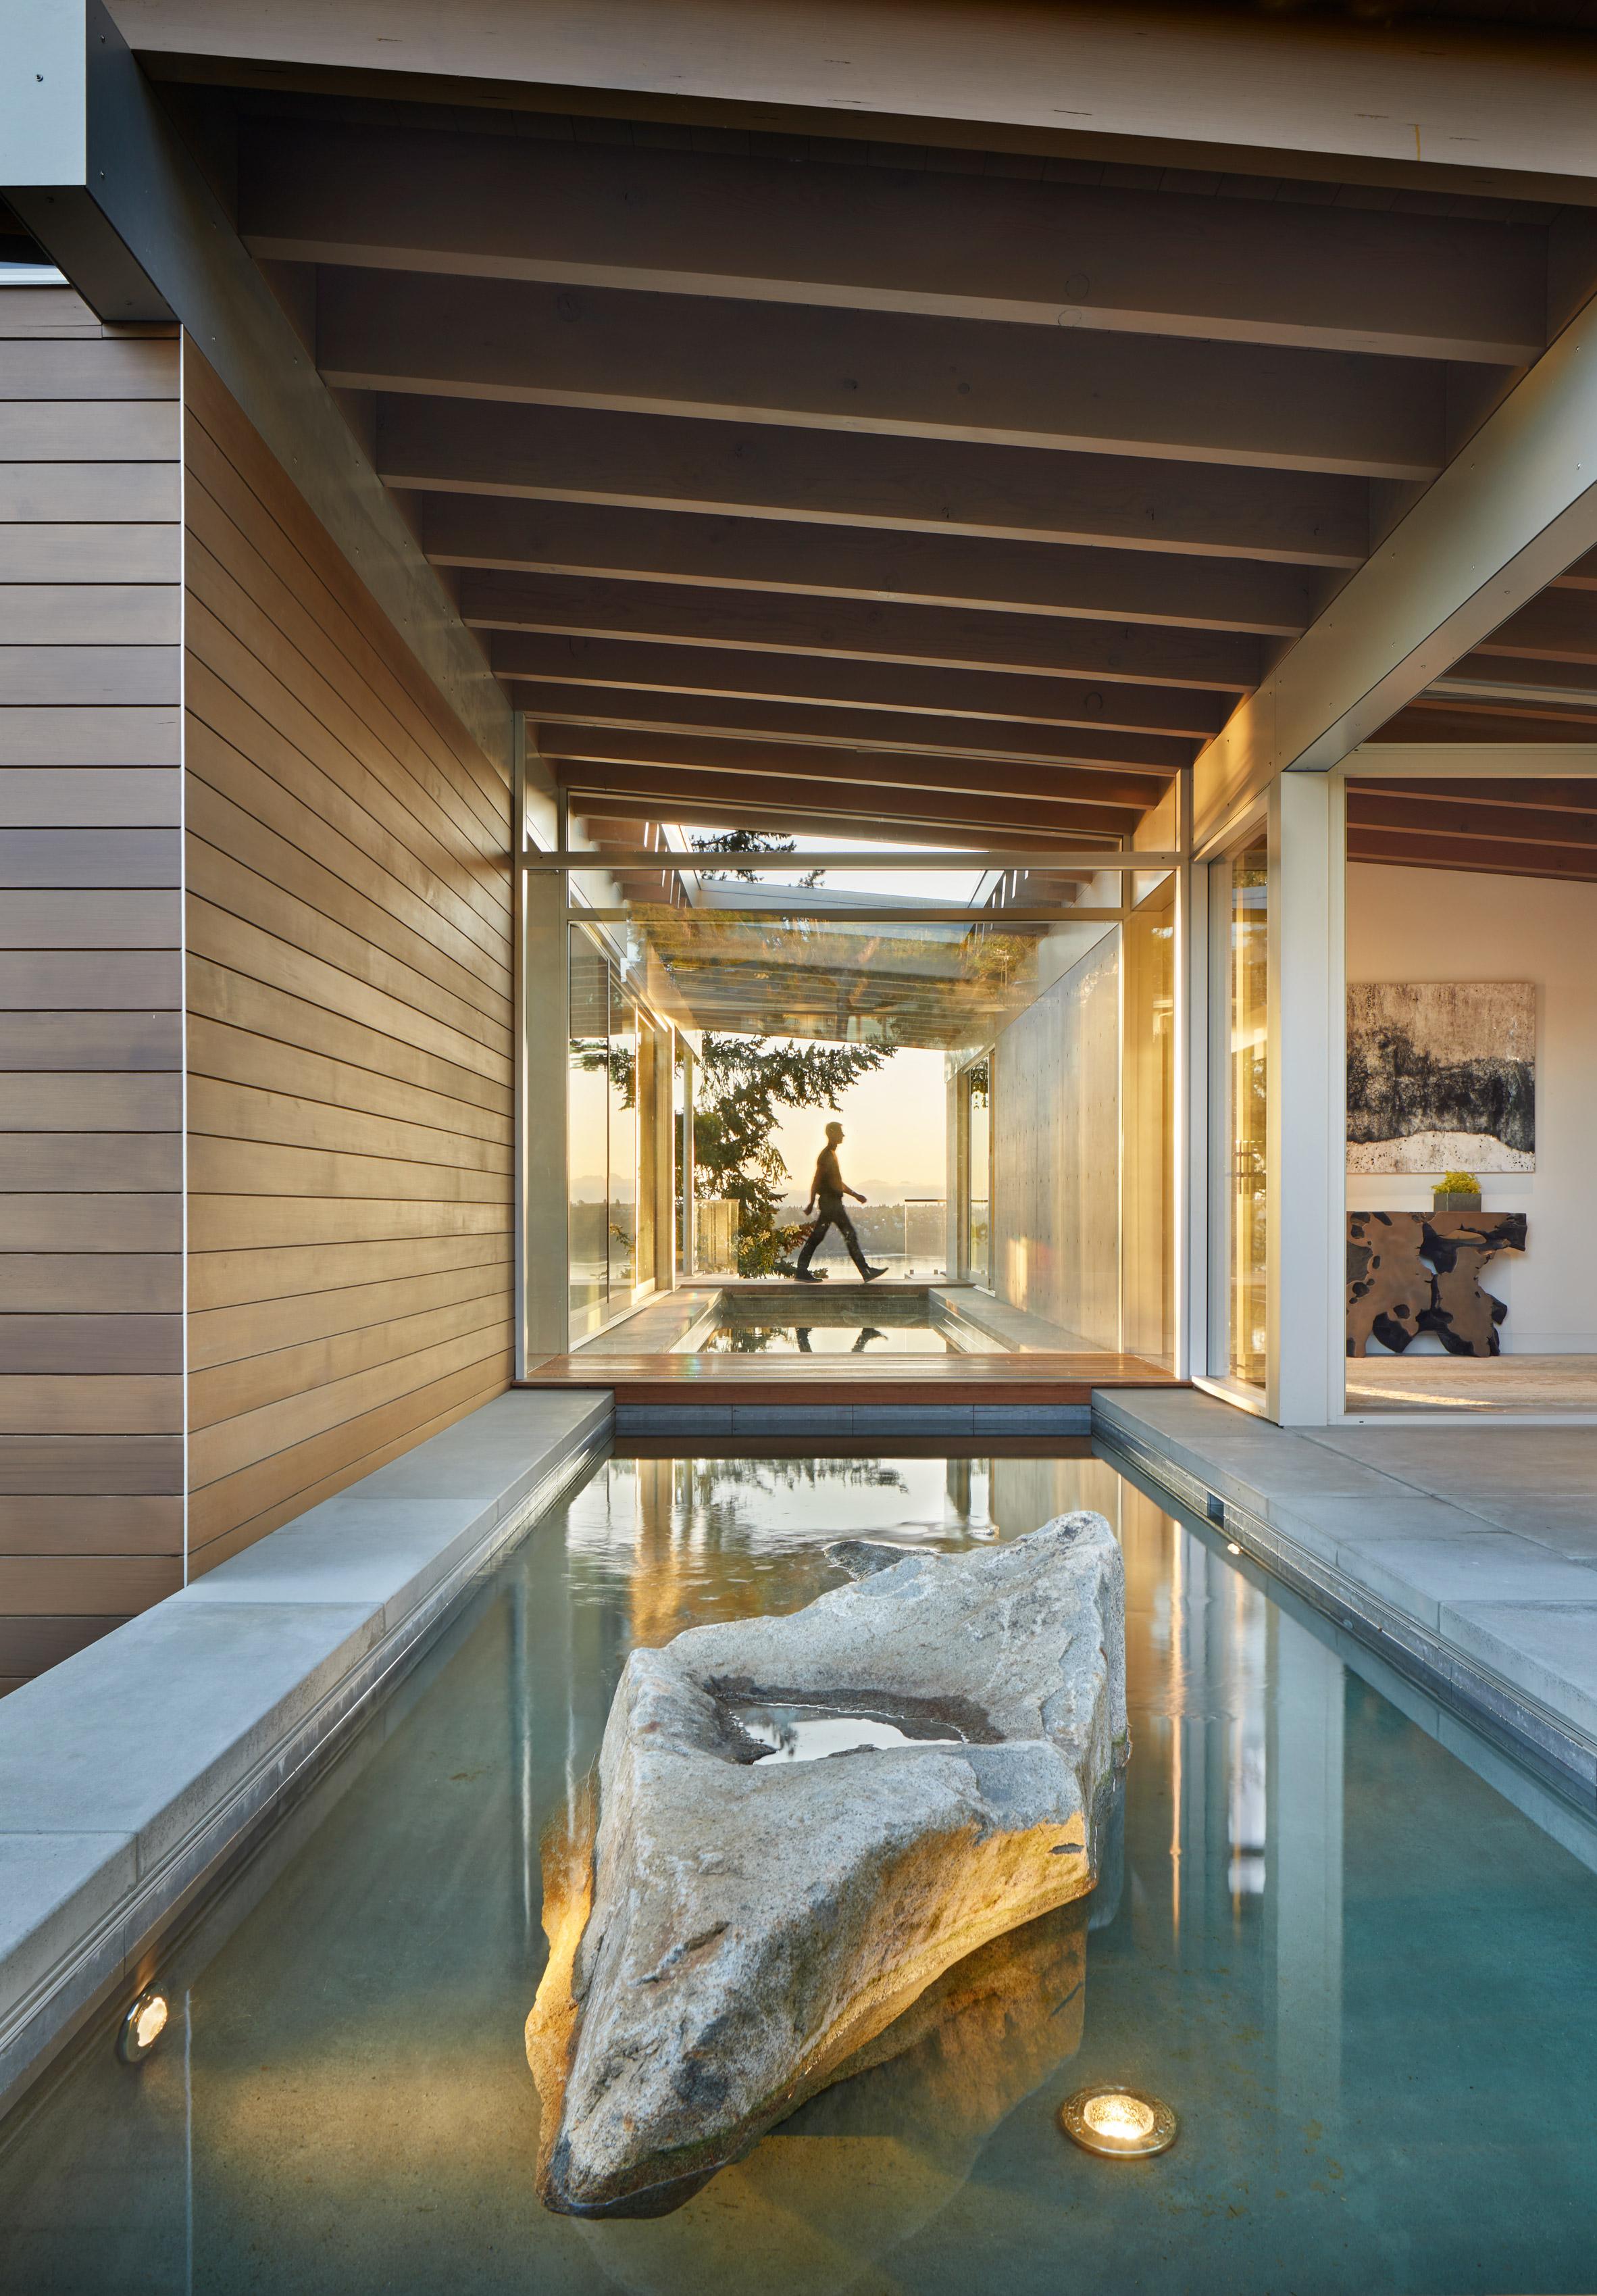 Mercer Island Modern by Garret Cord Werner in Washington state